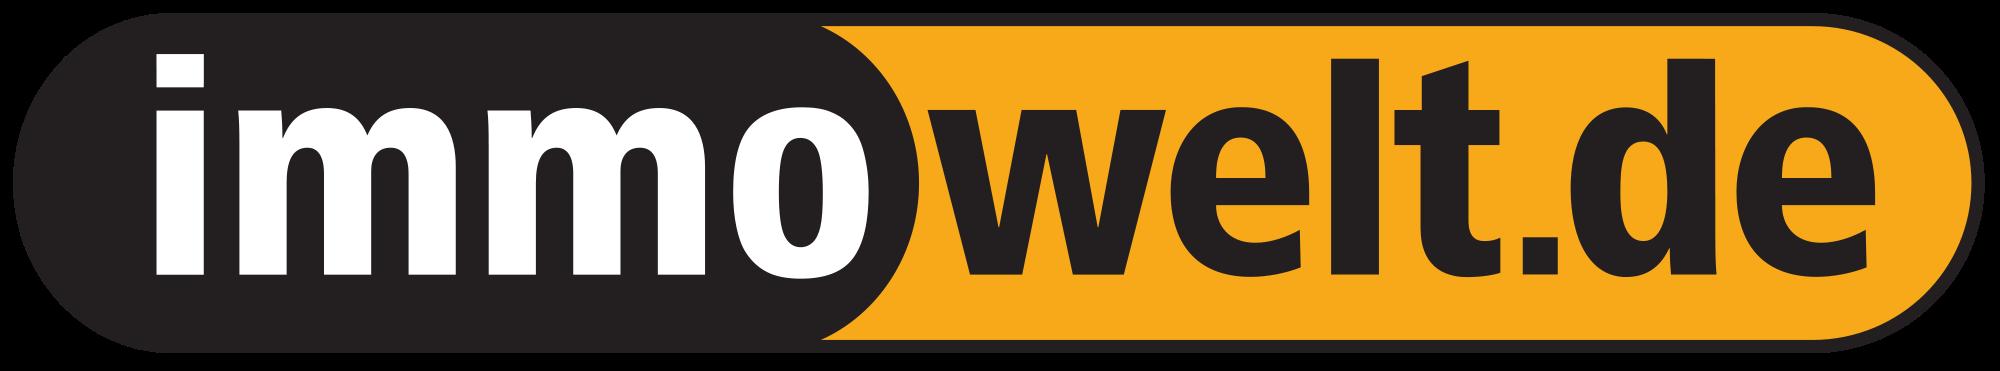 Logo immowelt.de